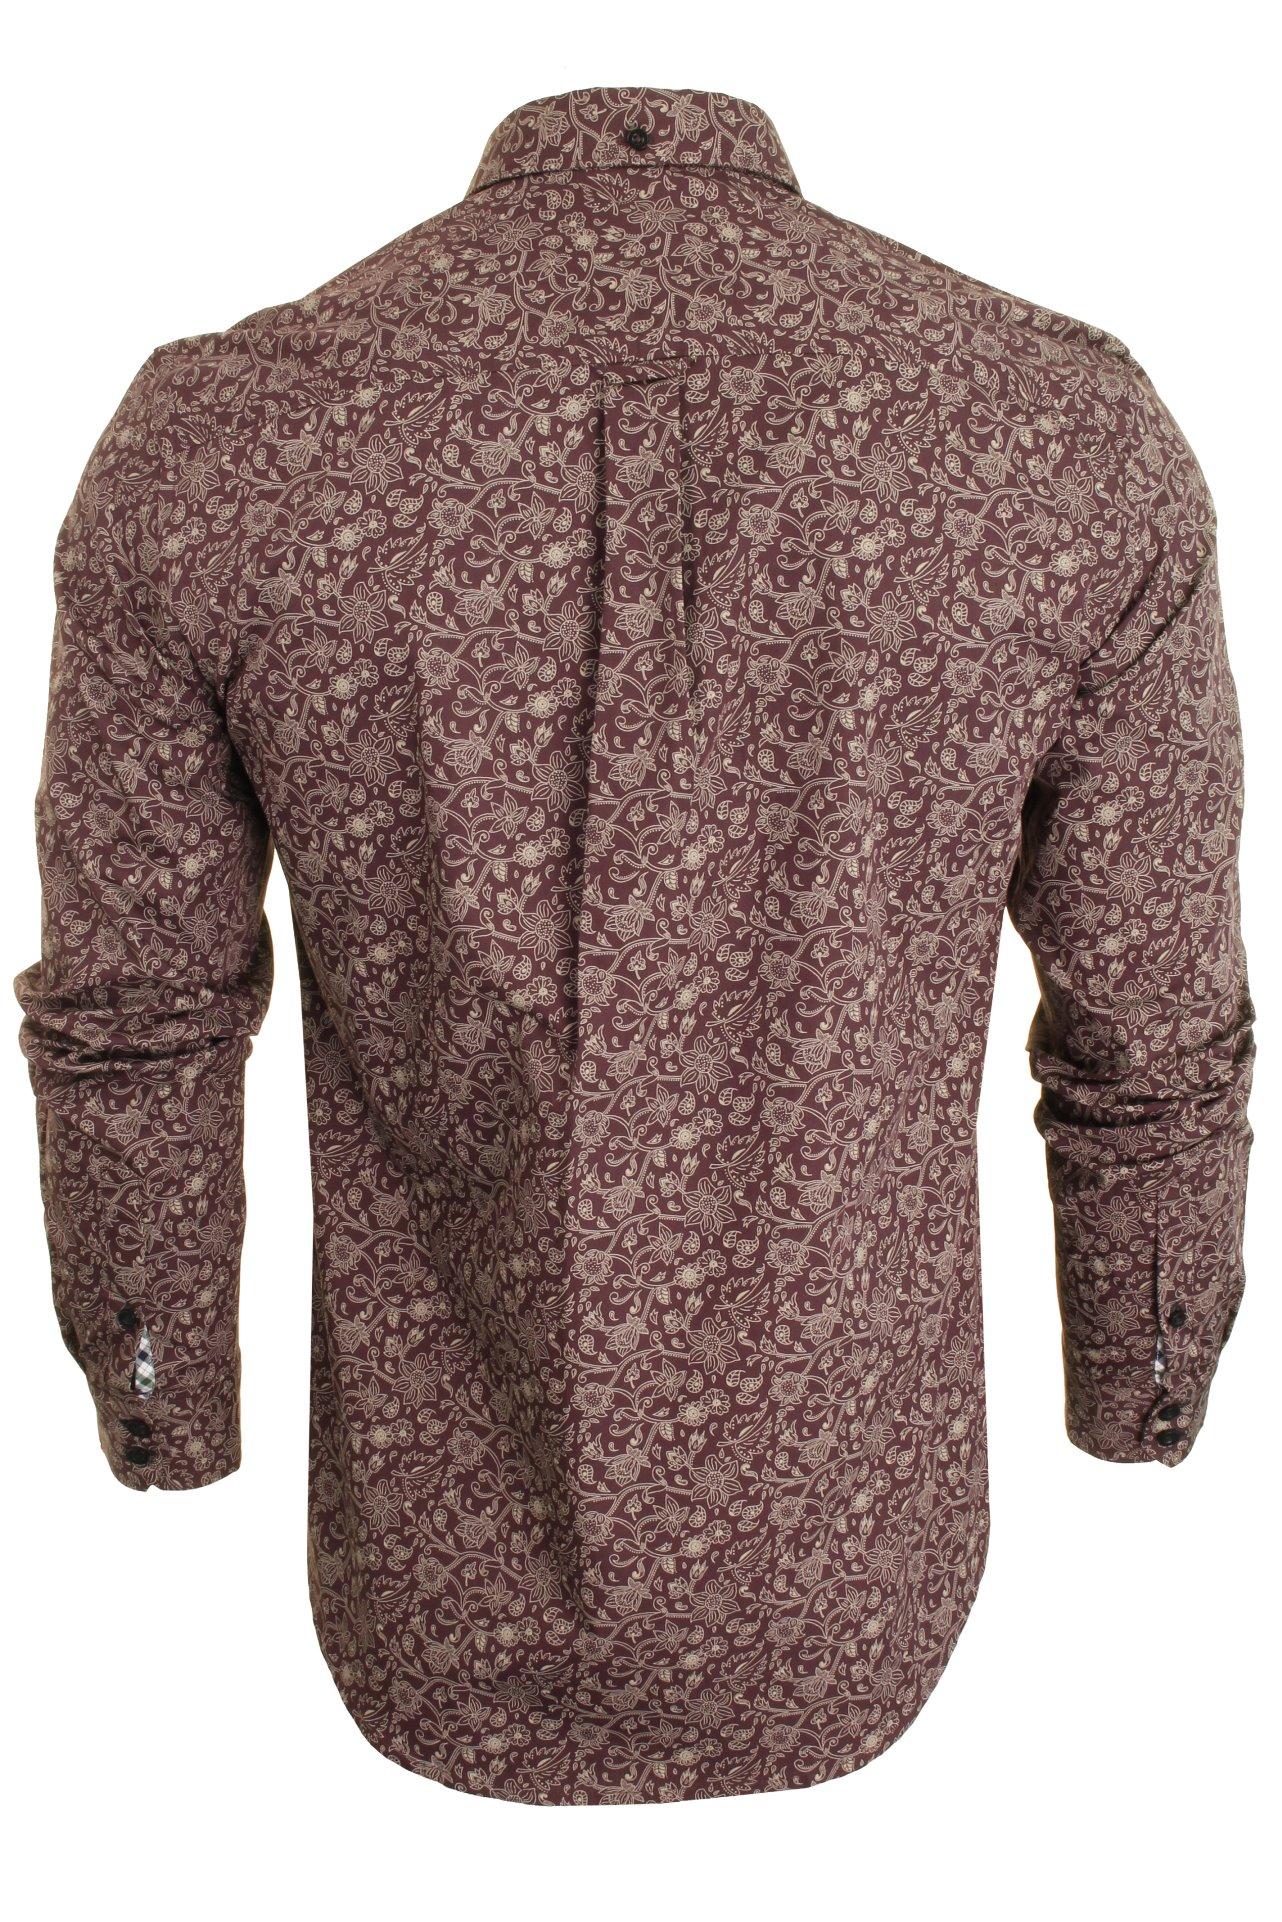 Mens-Ben-Sherman-Long-Sleeved-Shirt-Baroque-Floral thumbnail 4